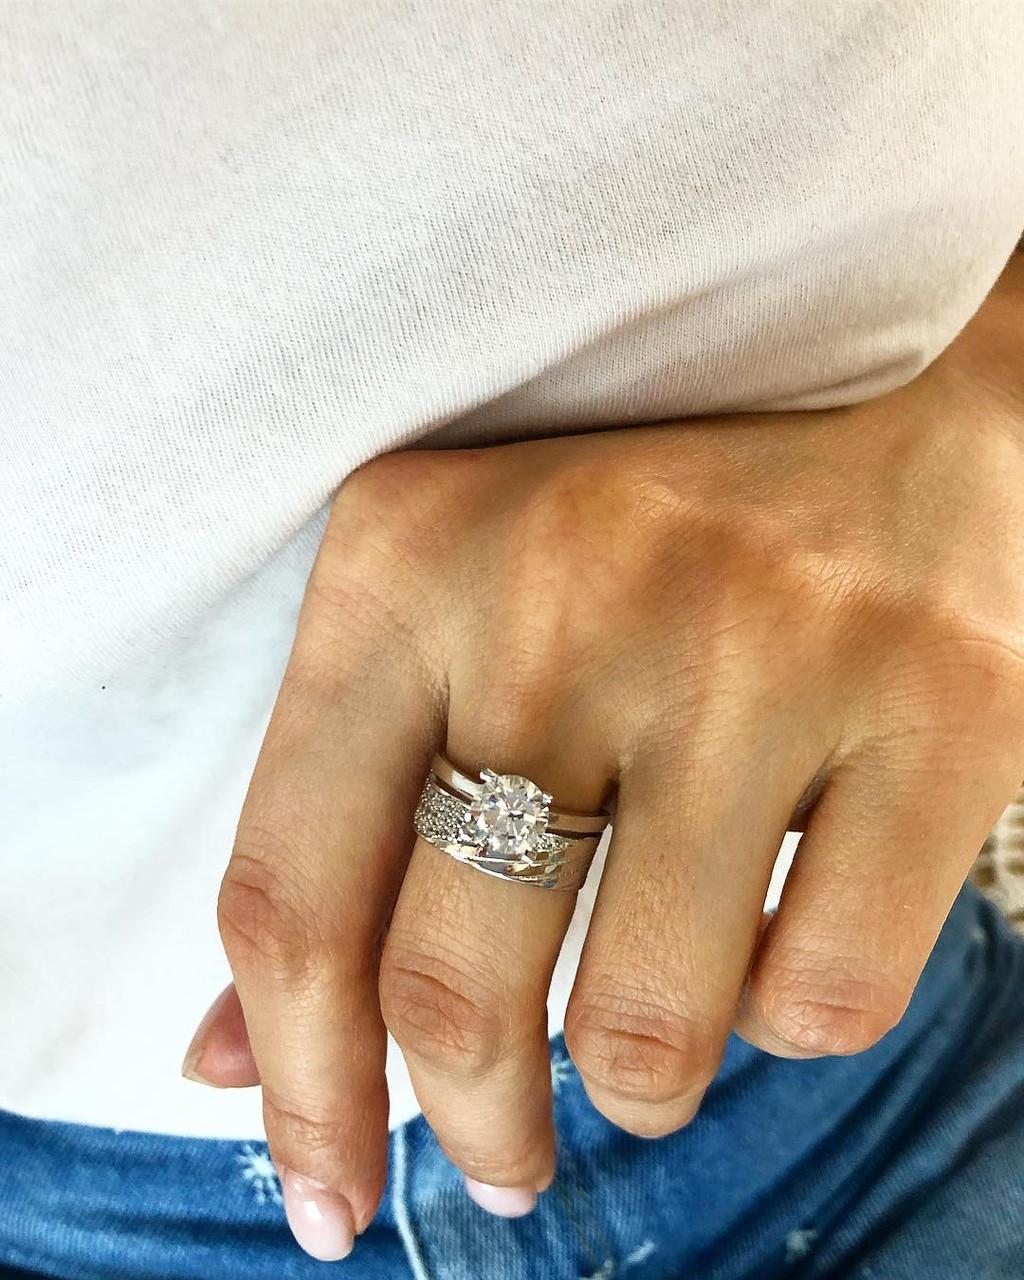 """Кольцо из серебра 925 My Jewels в стиле обручального """"диагонали"""" (размеры 17,5)"""